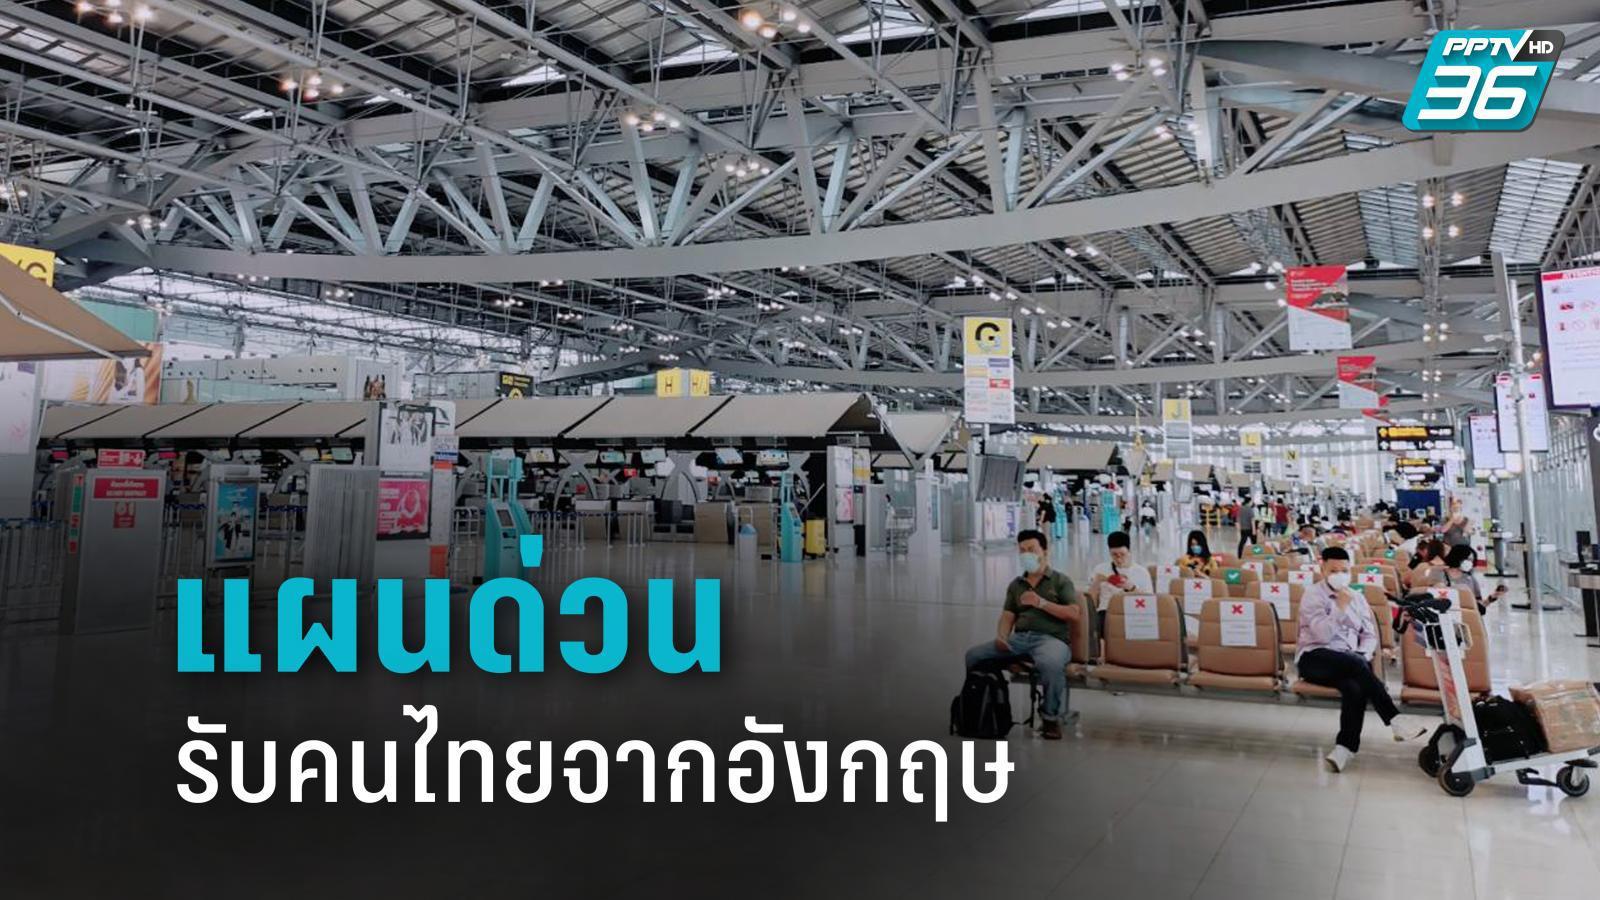 คนไทยในอังกฤษเครียด ป่วย ศบค.ออก 3 แผนด่วน เช็ก 2 เที่ยวบินเปิดจองกลับบ้าน